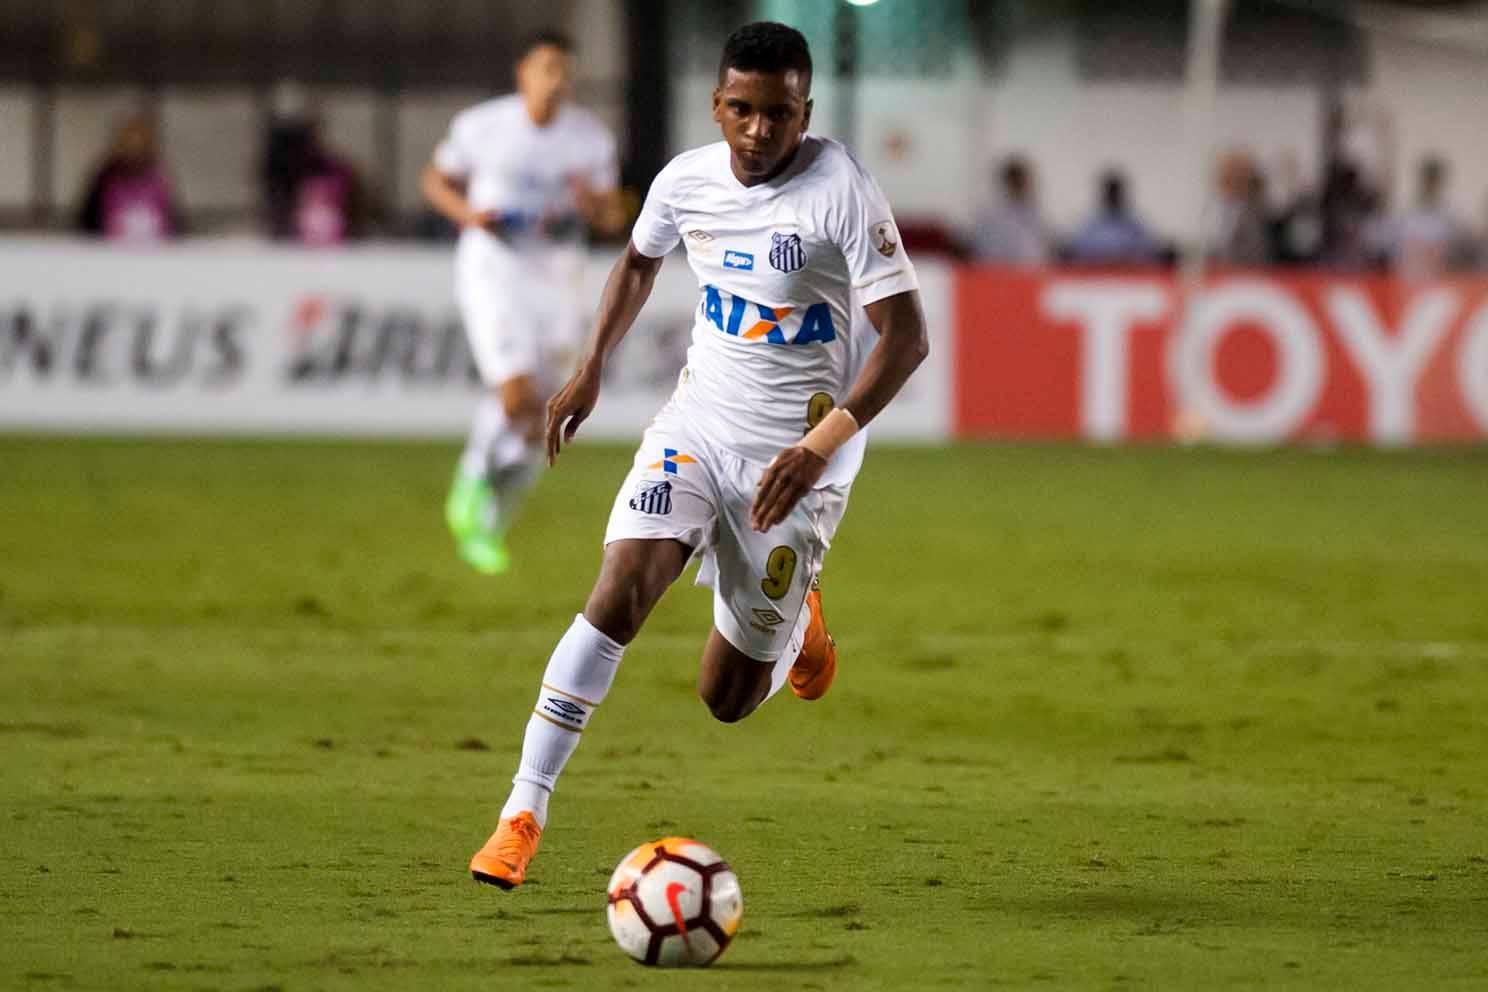 Santos joga mal e não sai do zero a zero com o Real Garcilaso